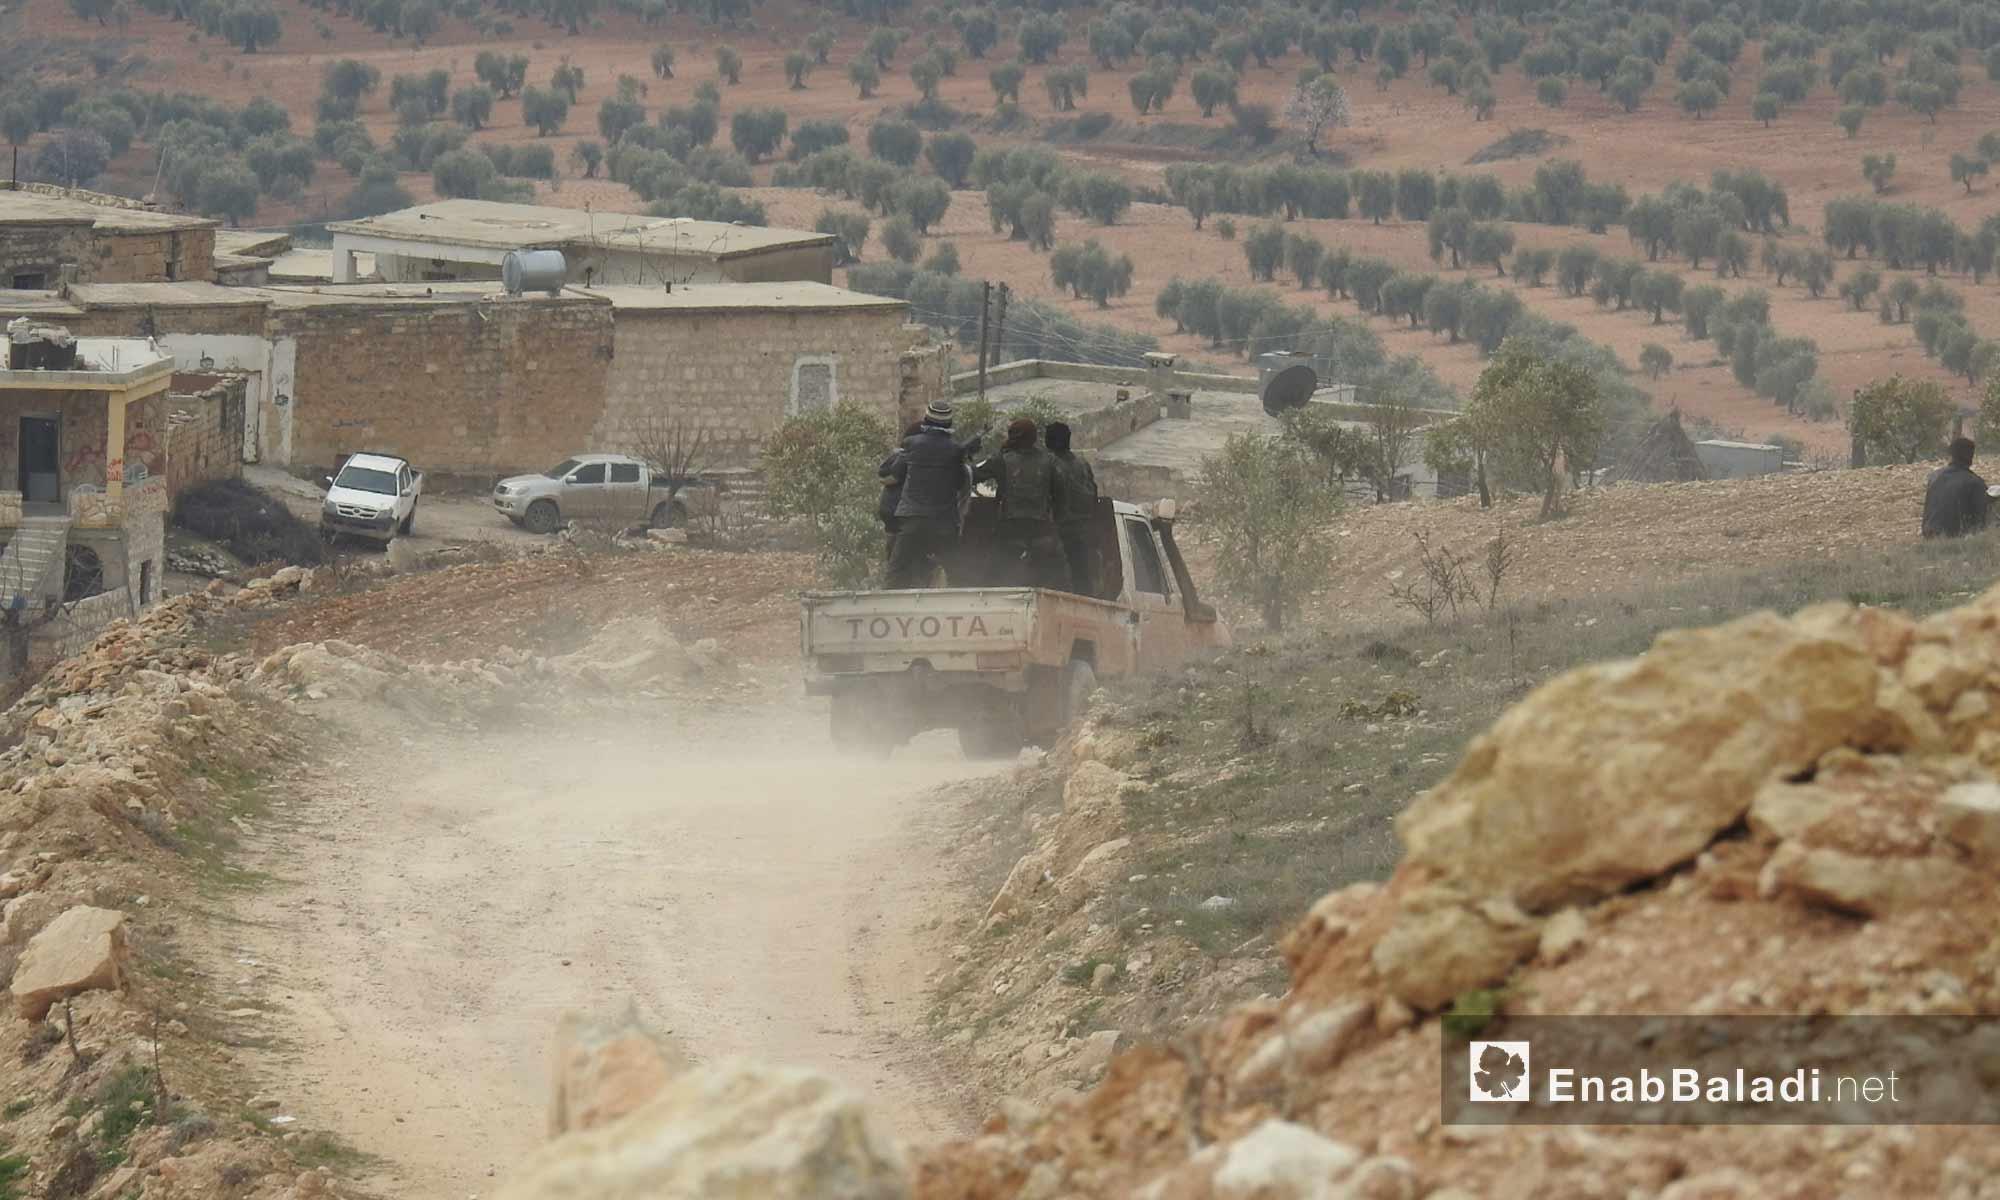 عناصر من الجيش الحر خلال المعارك الدائرة على محور شران شمالي عفرين - 20 شباط 2018 (عنب بلدي)